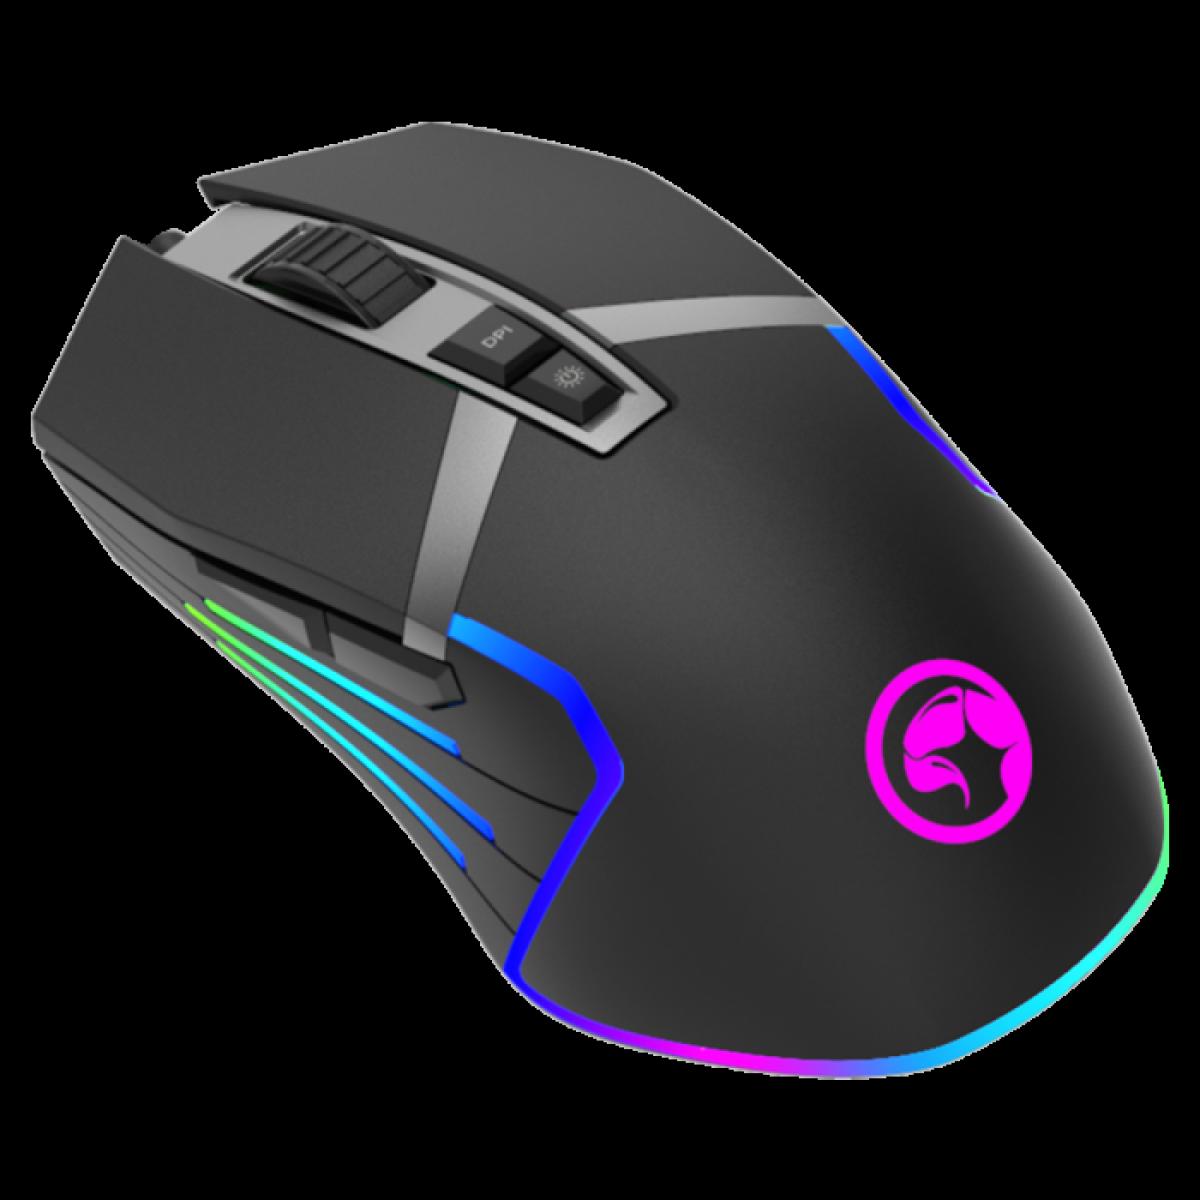 Mouse Gamer Marvo Scorpion G941, 12000DPI, 9 Botões, RGB, Black